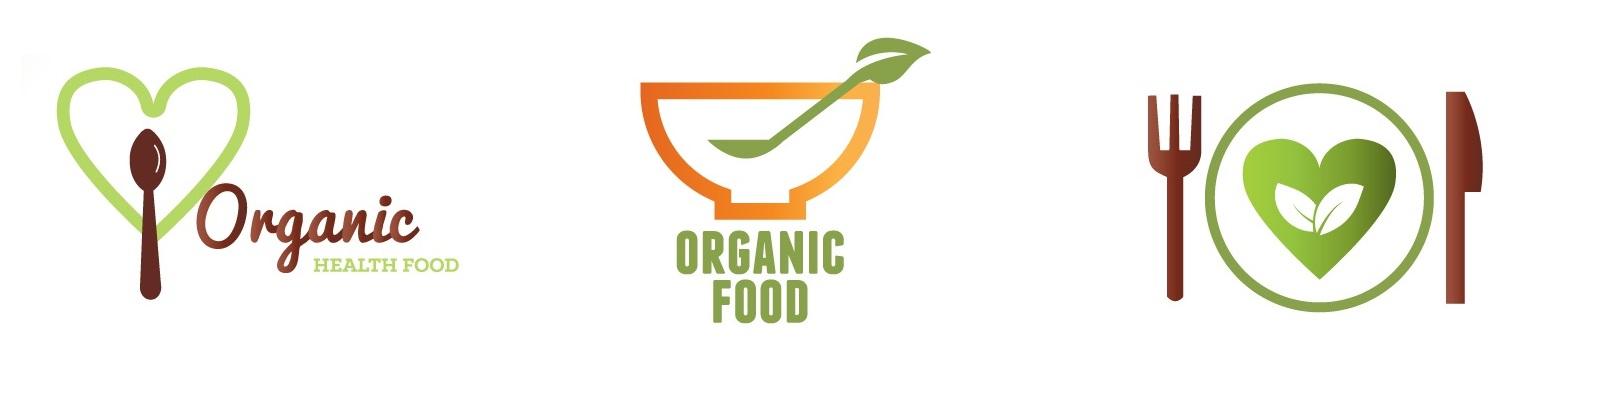 organic-mission